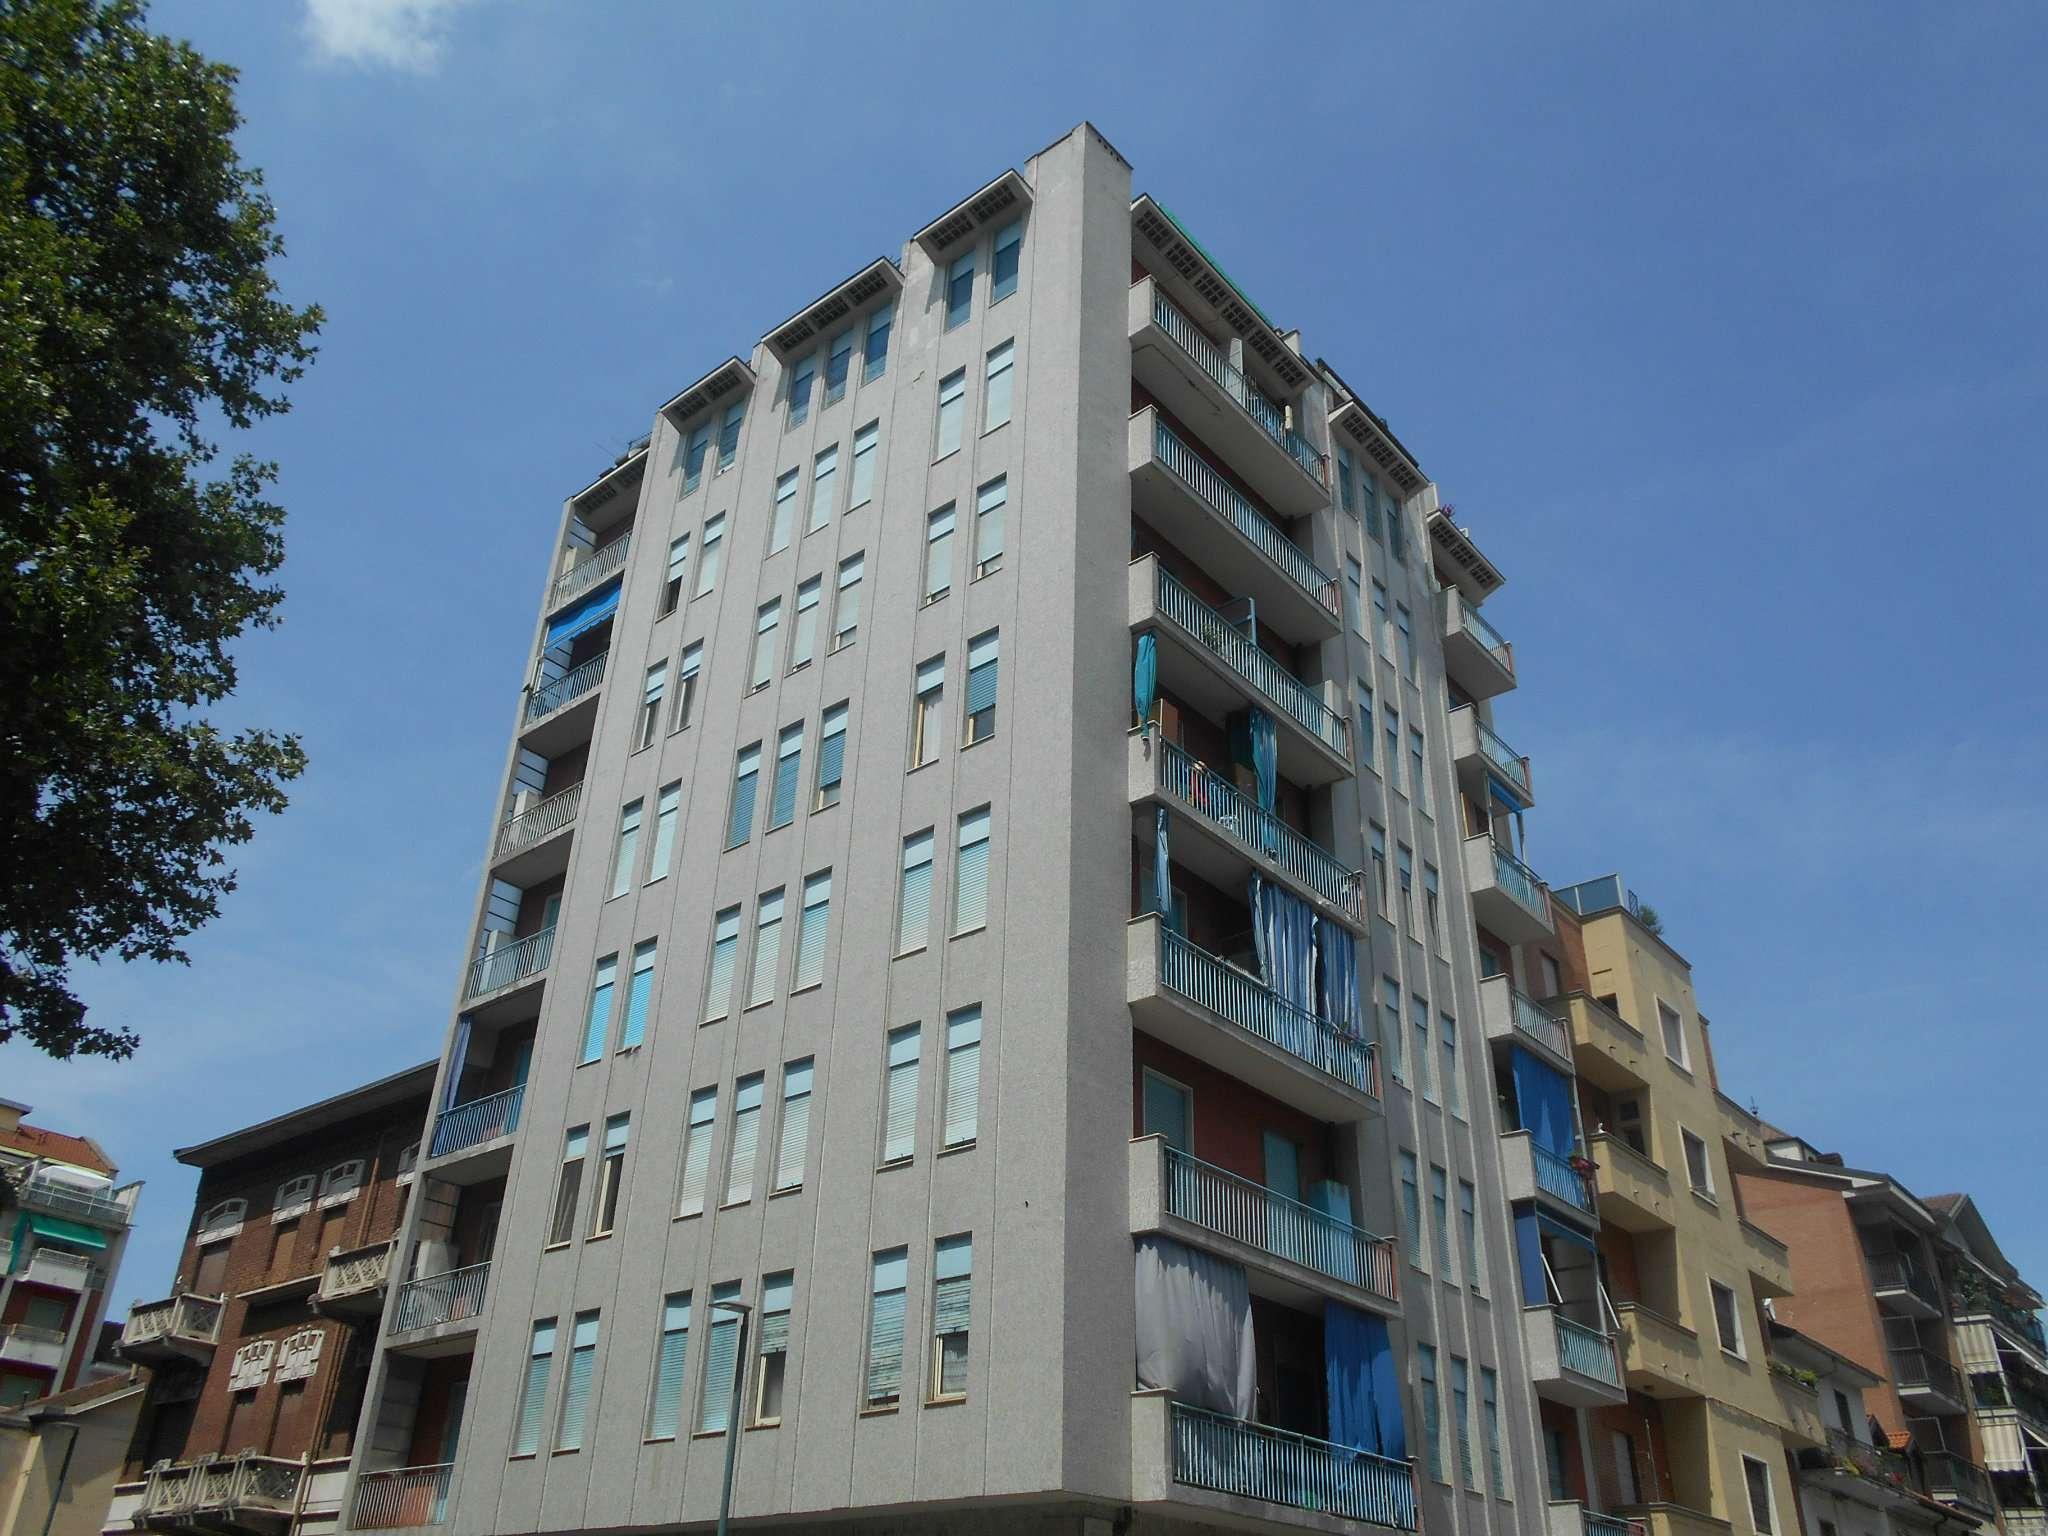 Appartamento in affitto a Torino, 2 locali, zona Zona: 12 . Barca-Bertolla, Falchera, Barriera Milano, Corso Regio Parco, Rebaudengo, prezzo € 400 | CambioCasa.it